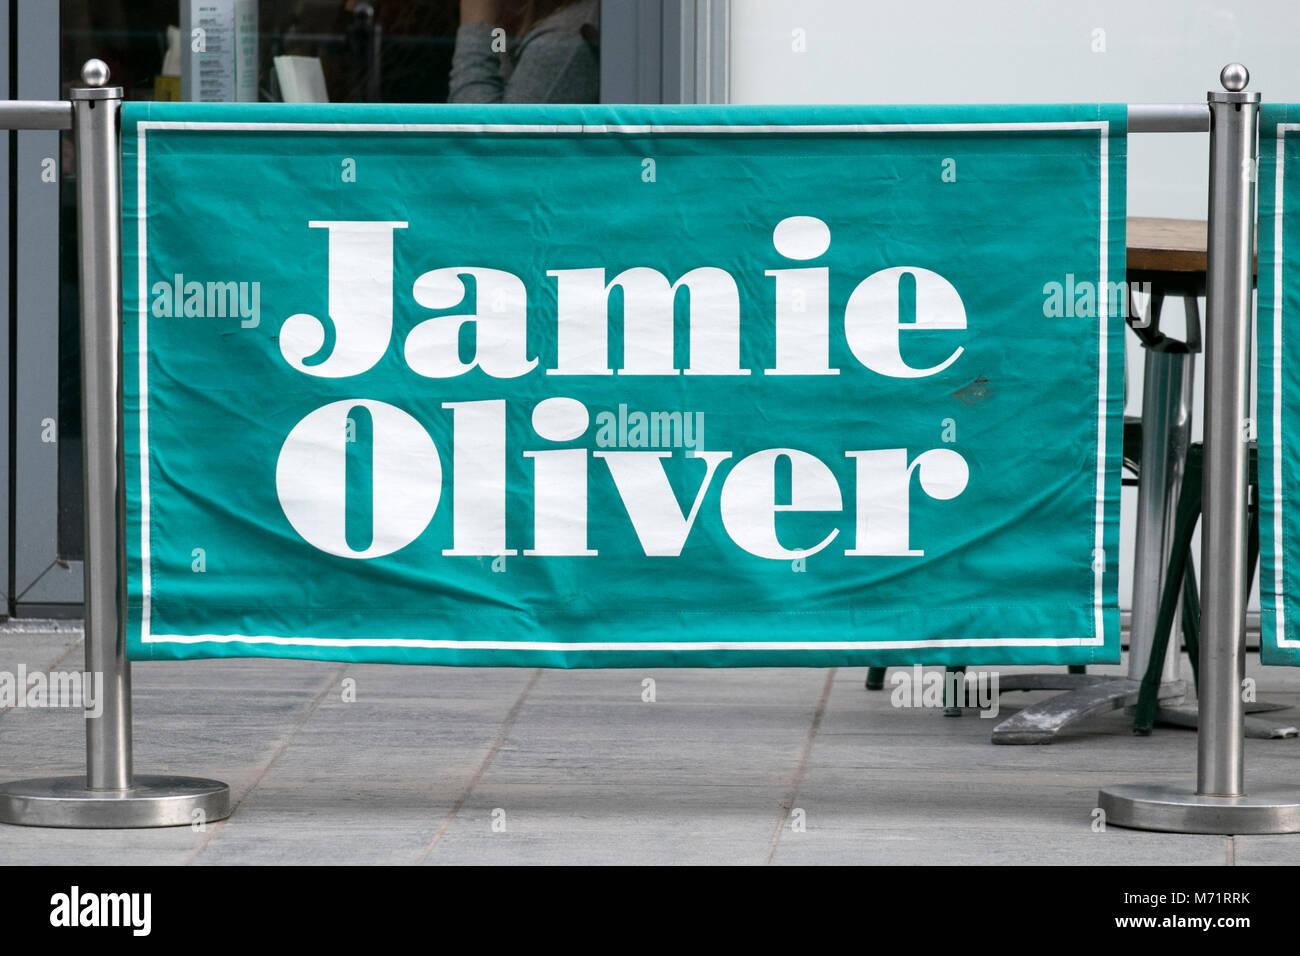 Starkoch Jamie Oliver restaurateur Restaurant kette Essen essen Essen essen tv-Moderatorin City Cafe essen Italien Stockbild